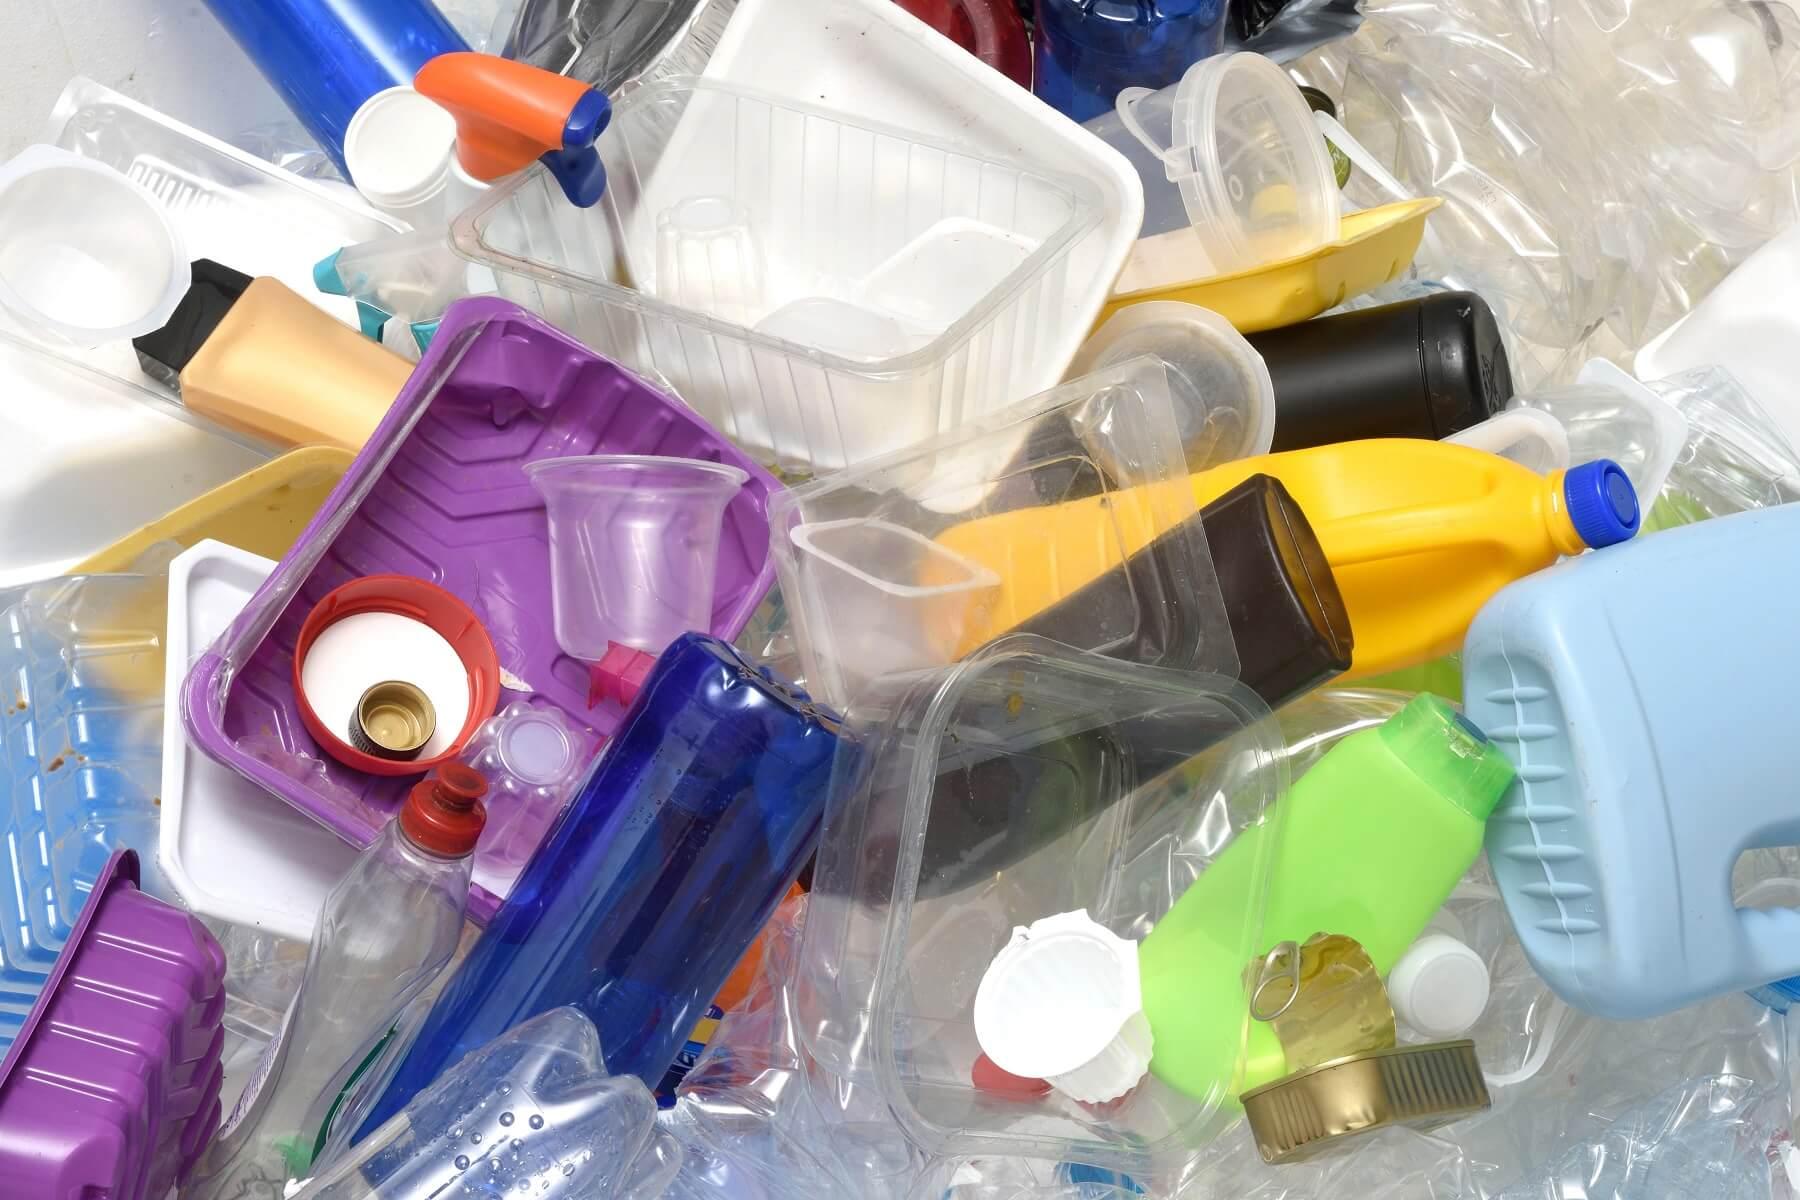 מיחזור פלסטיק מחיר